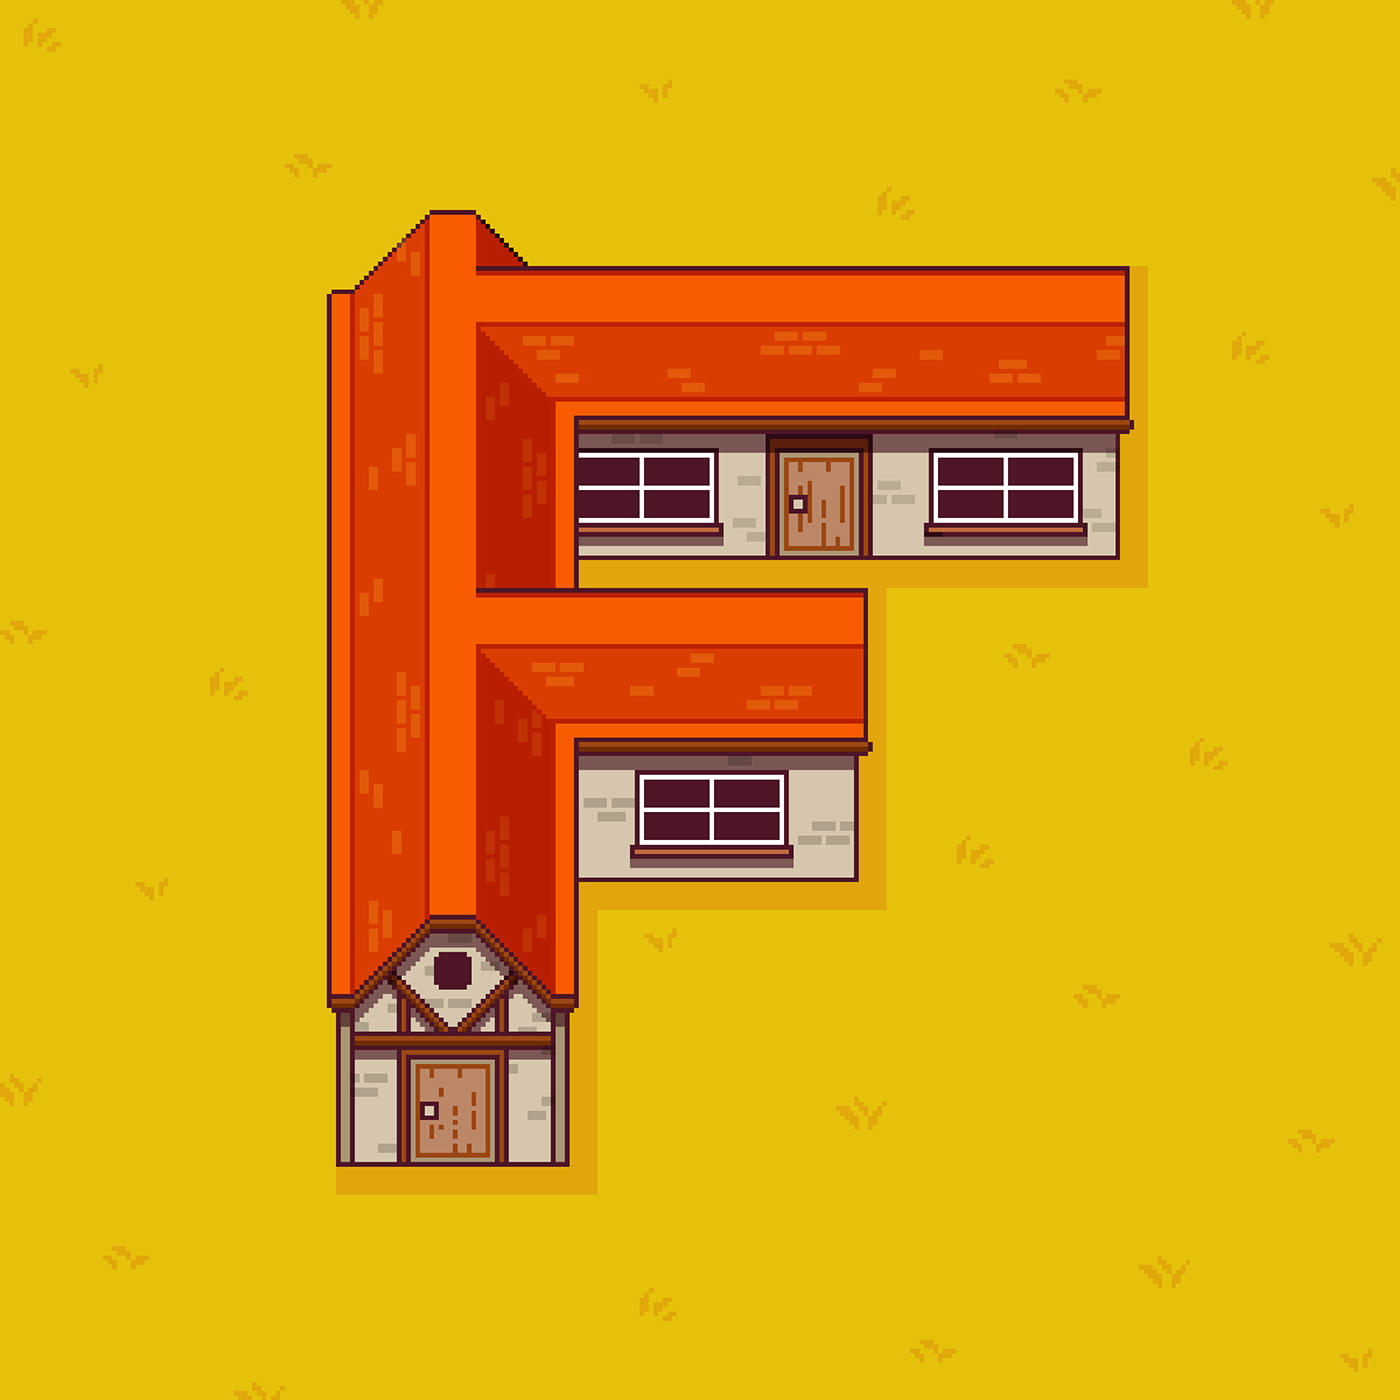 36 days type Pixel art 8-bit alphabet yatish asthana India animation  Game Art arcade video game